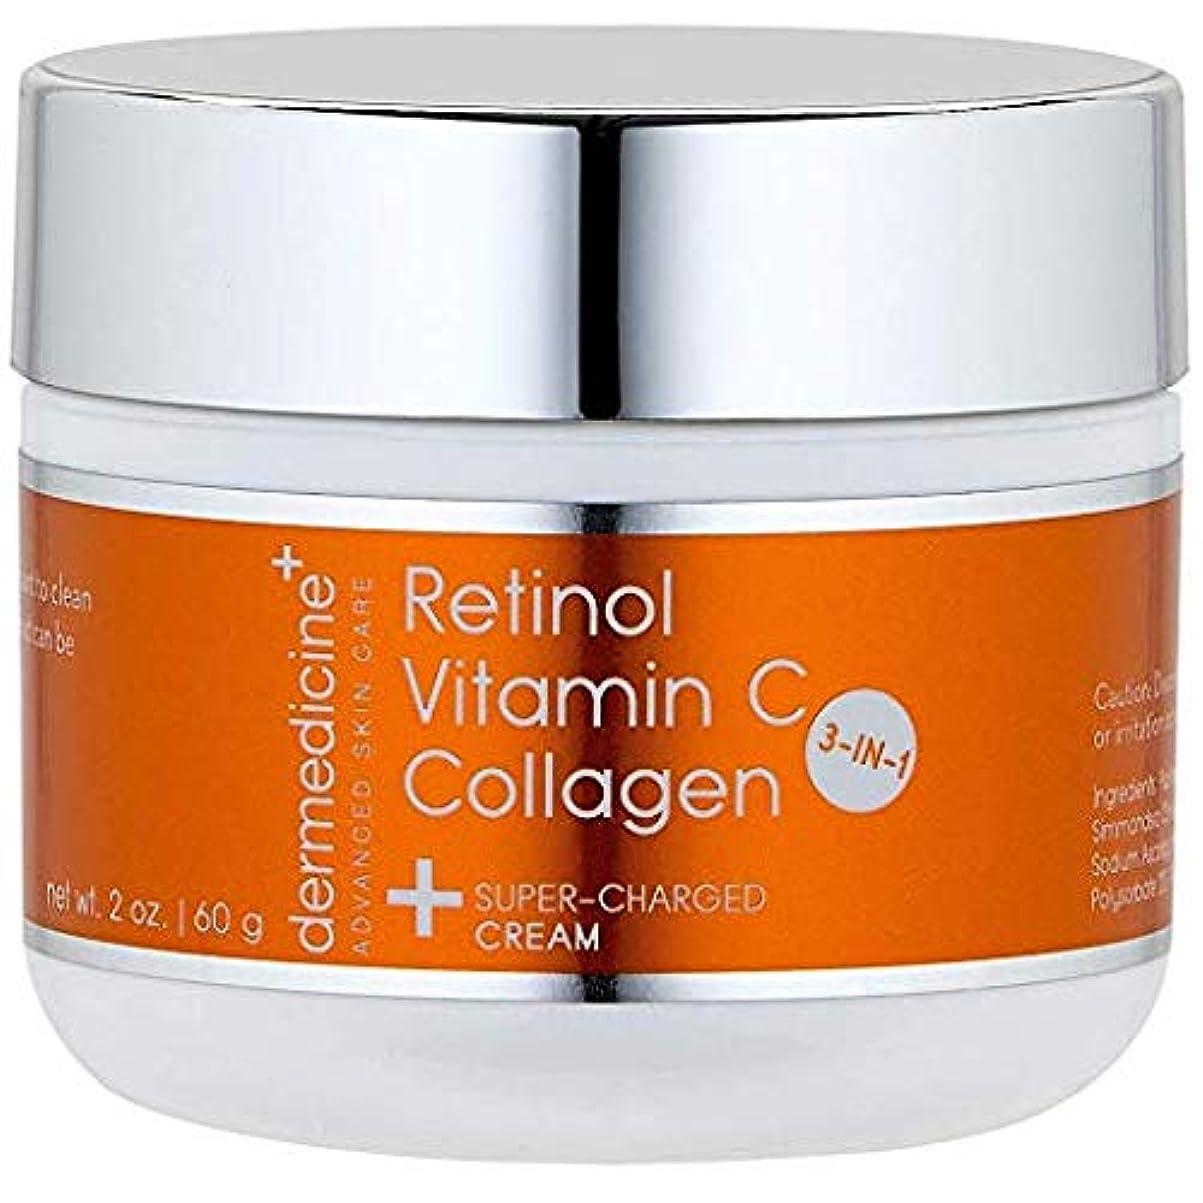 無秩序パーク思われるプレミアム エイジングケアクリーム【3IN1】 コラーゲン+レチノール+ビタミンC配合 60g シミ取り&シワ取り ほうれい線を取り、顔のリフトアップも(若々しい弾力のある肌へ)